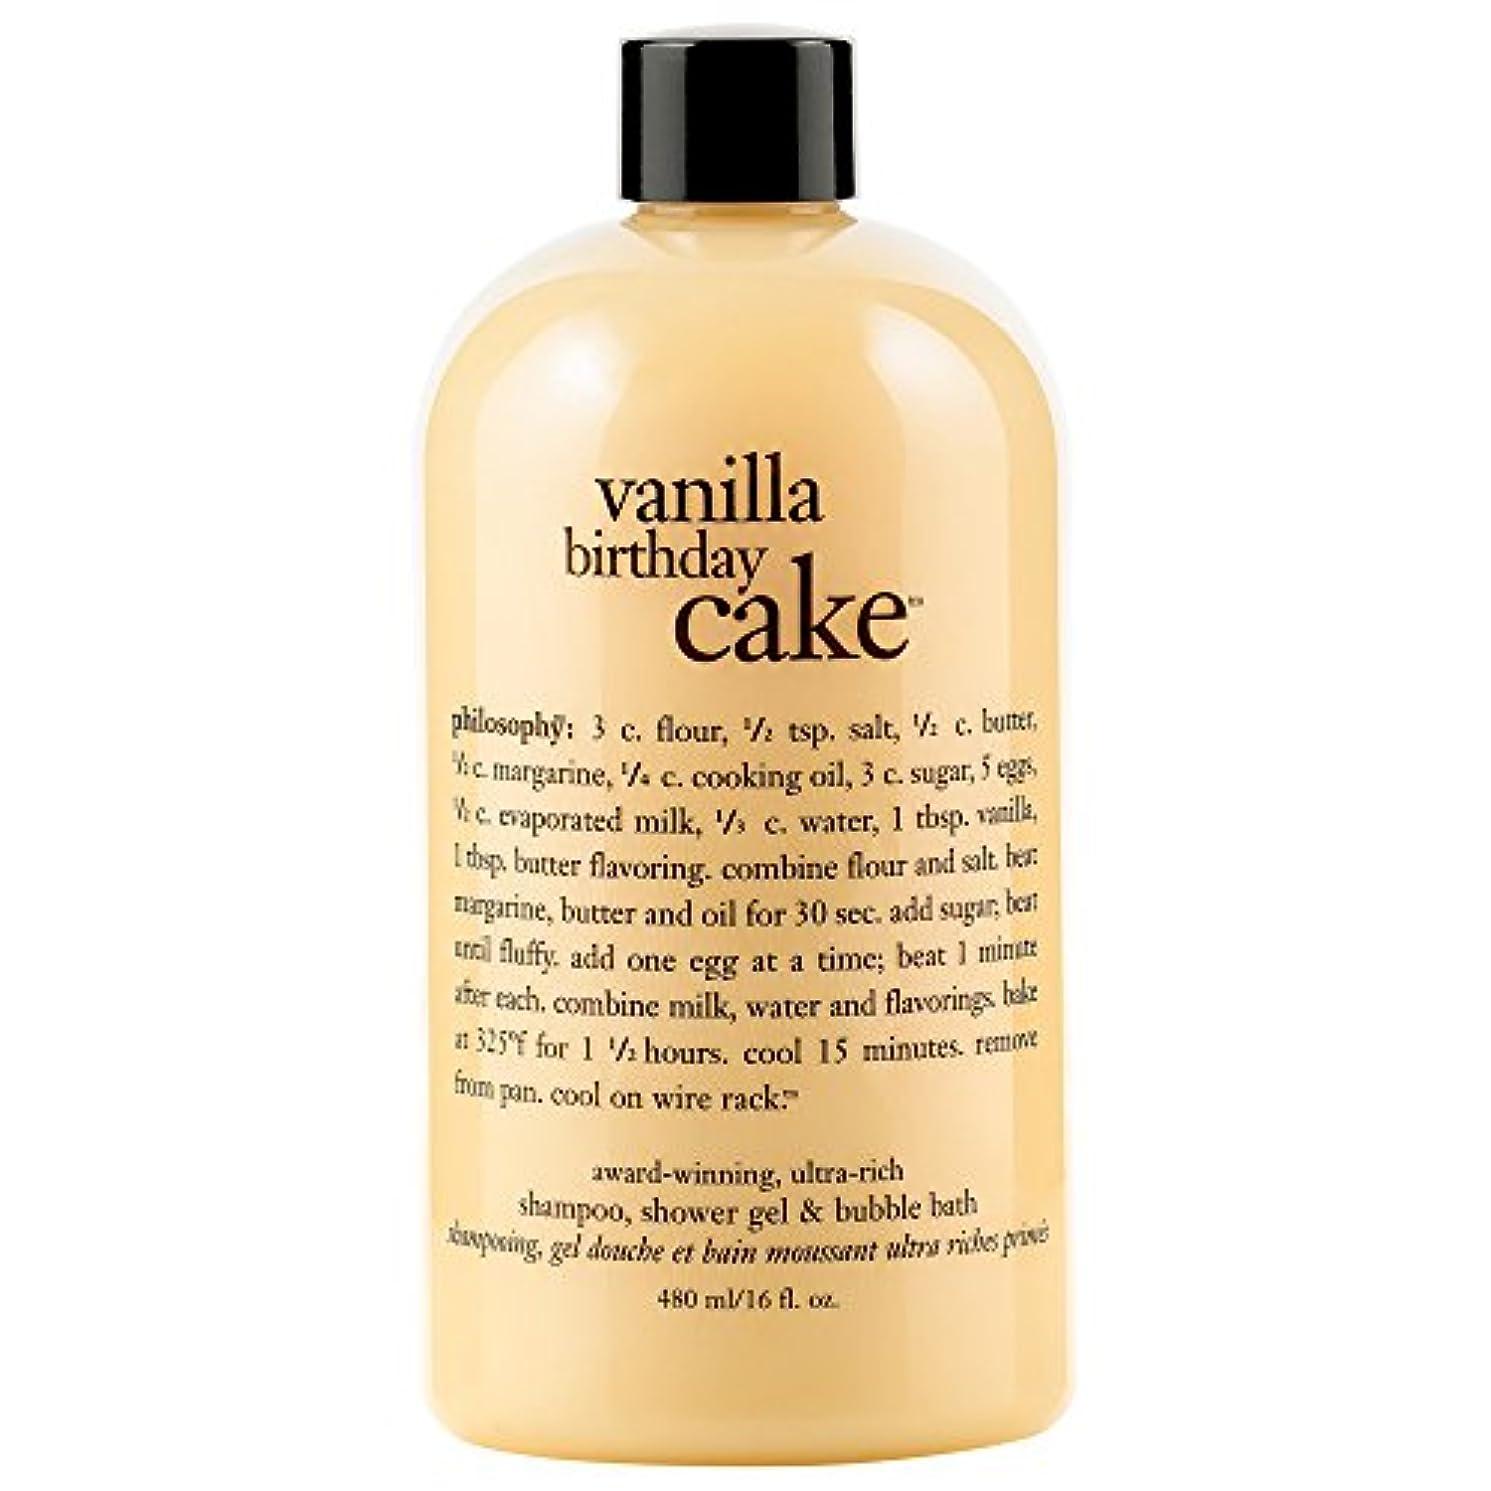 大惨事ブレイズ慈悲哲学バニラバースデーケーキシャンプー/シャワージェル/バブルバス480ミリリットル (Philosophy) (x2) - Philosophy Vanilla Birthday Cake Shampoo/Shower...